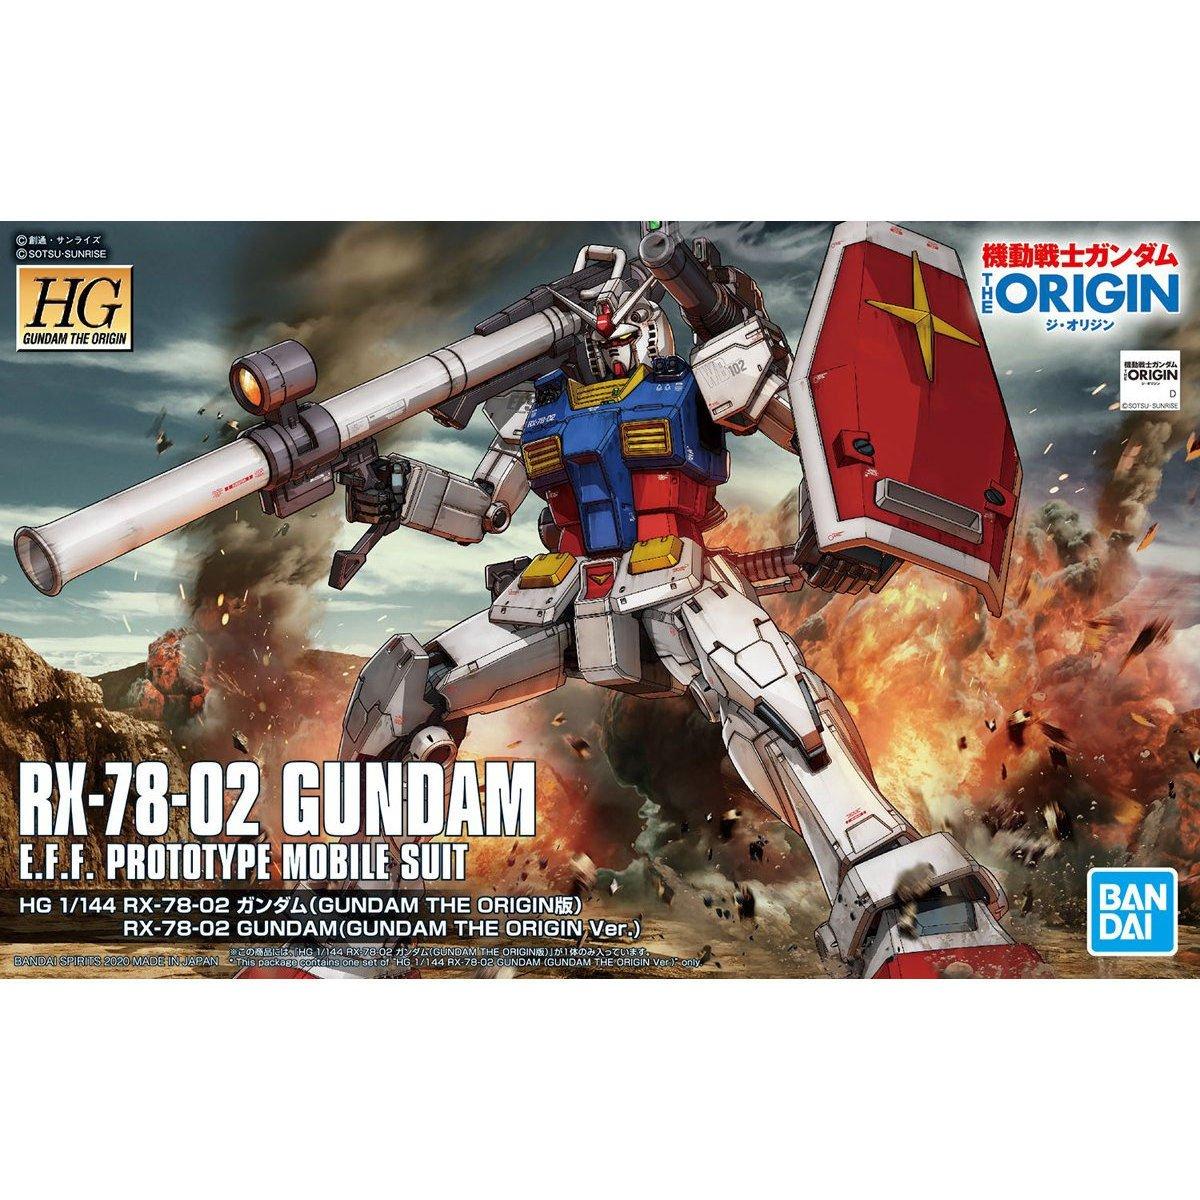 鋼彈gundam組合模型 HG 機動戰士 1/144 #026 RX-78-02鋼彈 (GUNDAM THE ORIGIN Ver.)